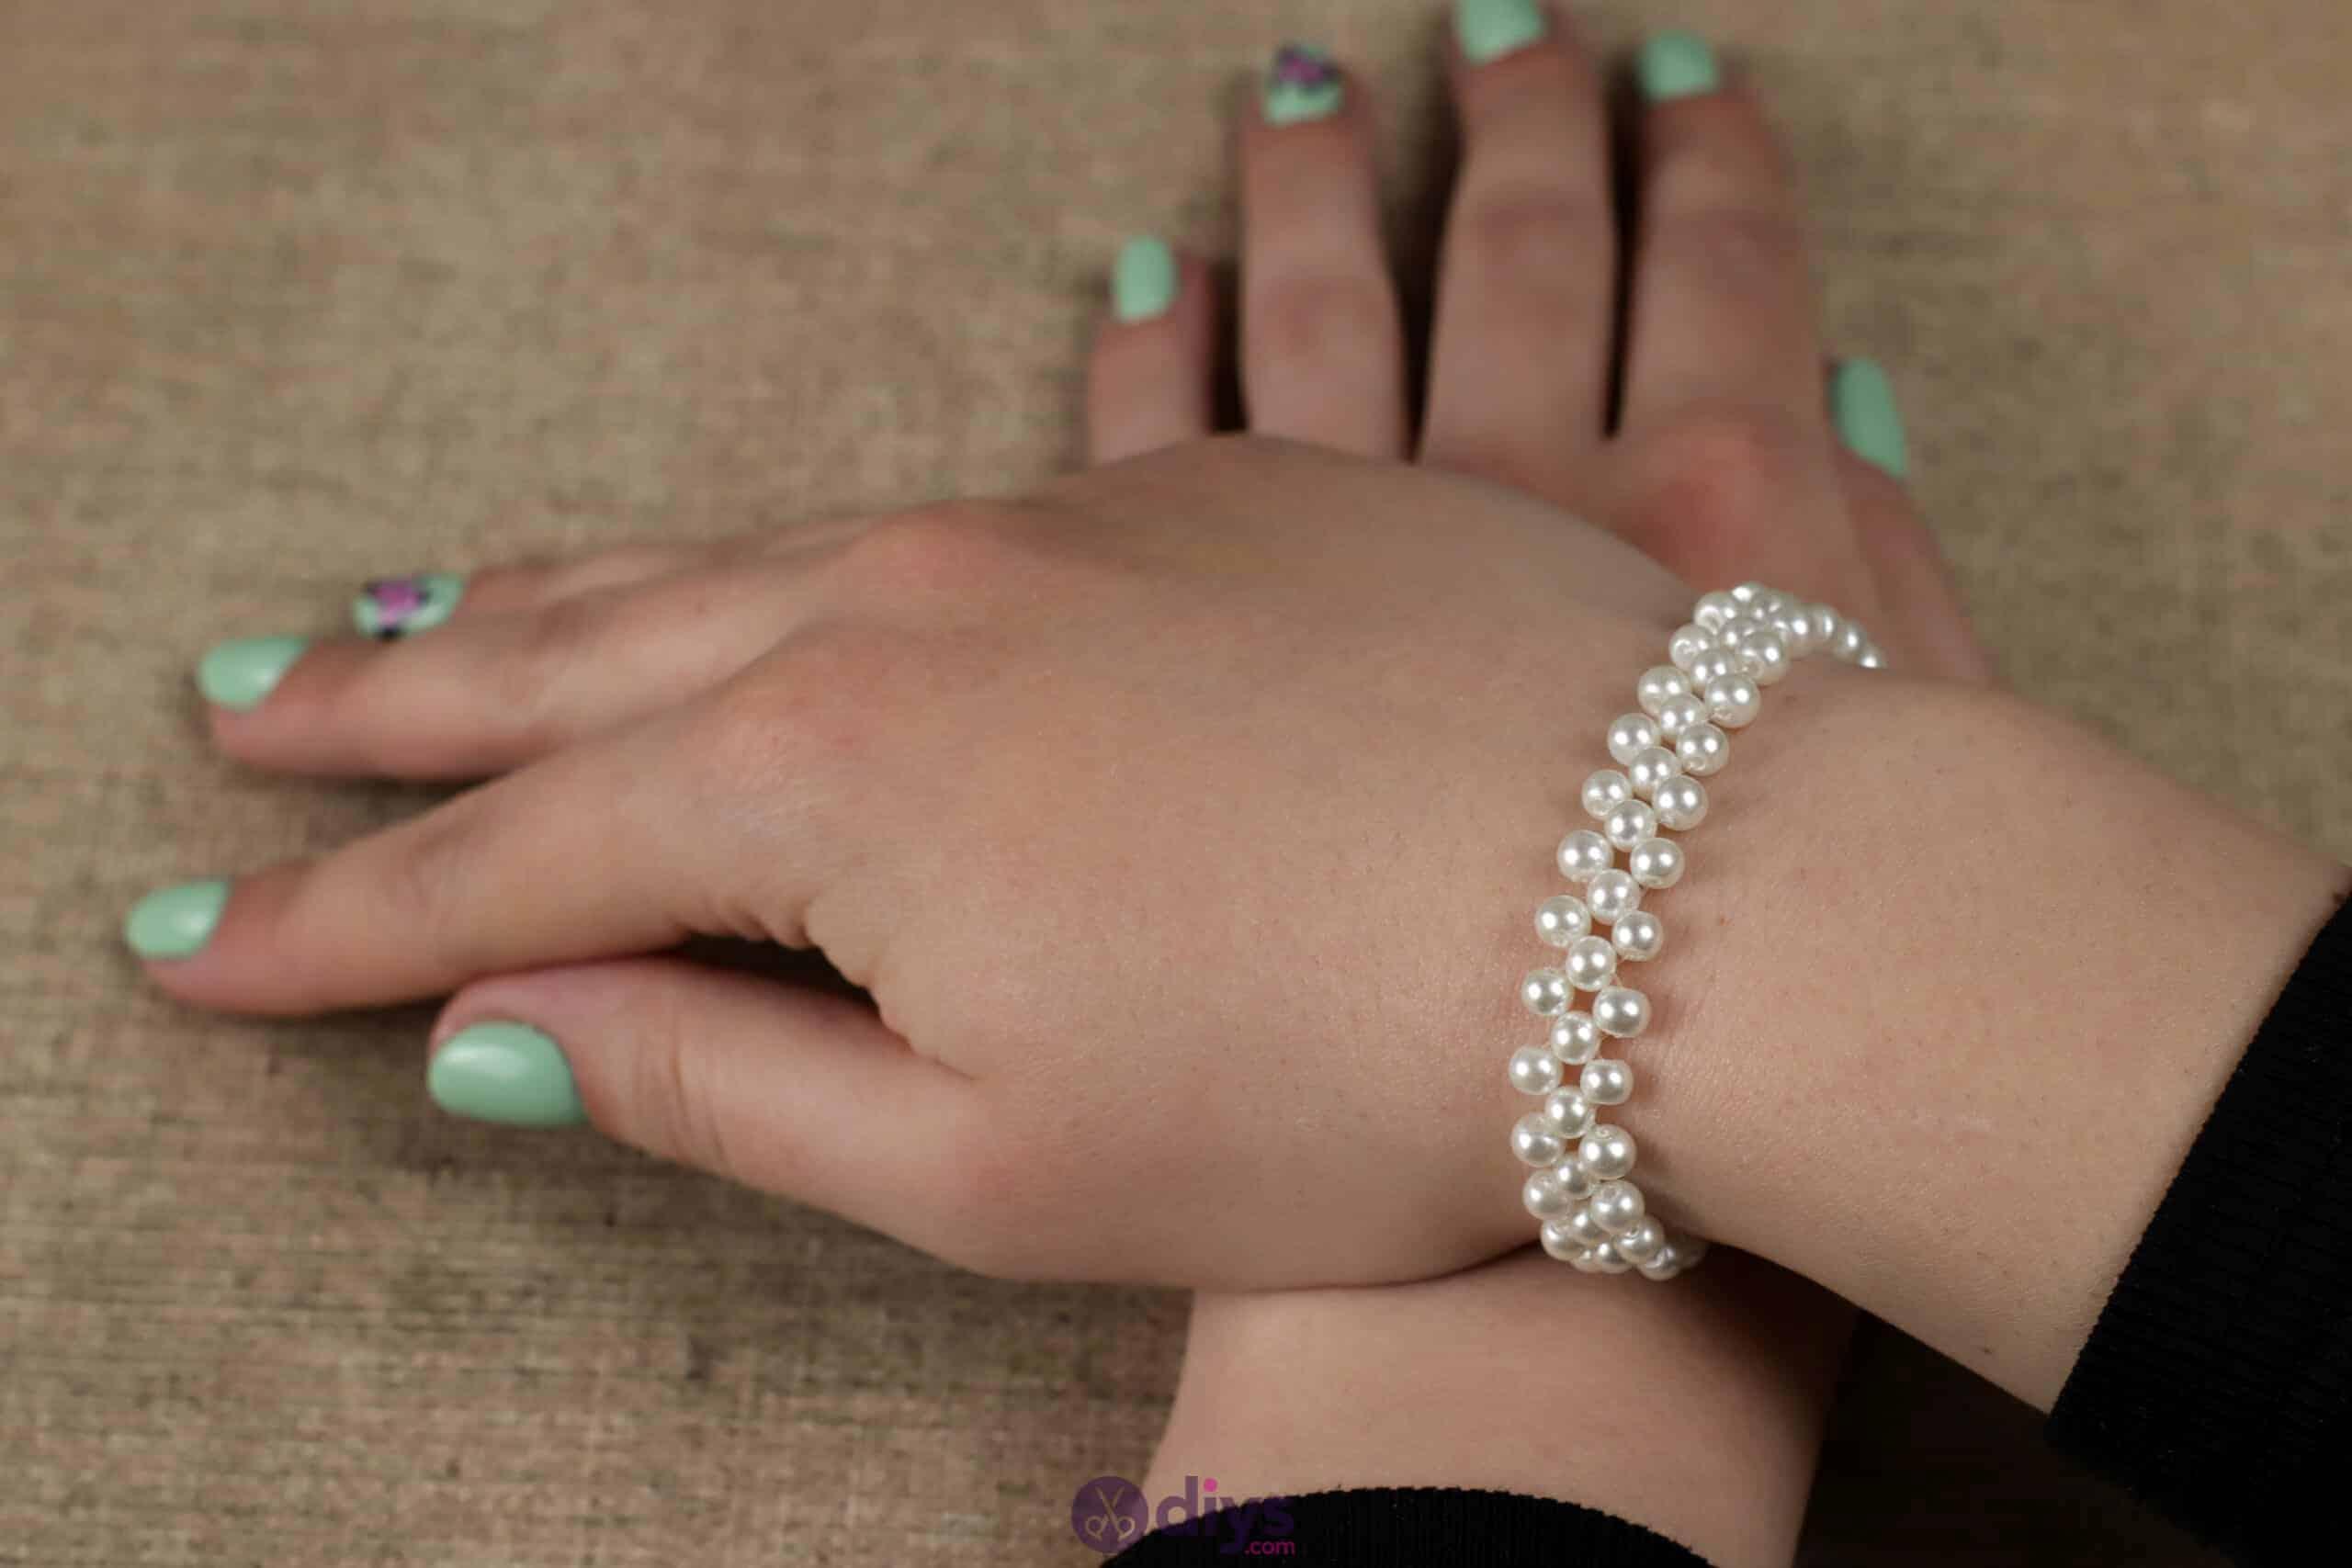 Diy elegant white beads bracelet step 6e